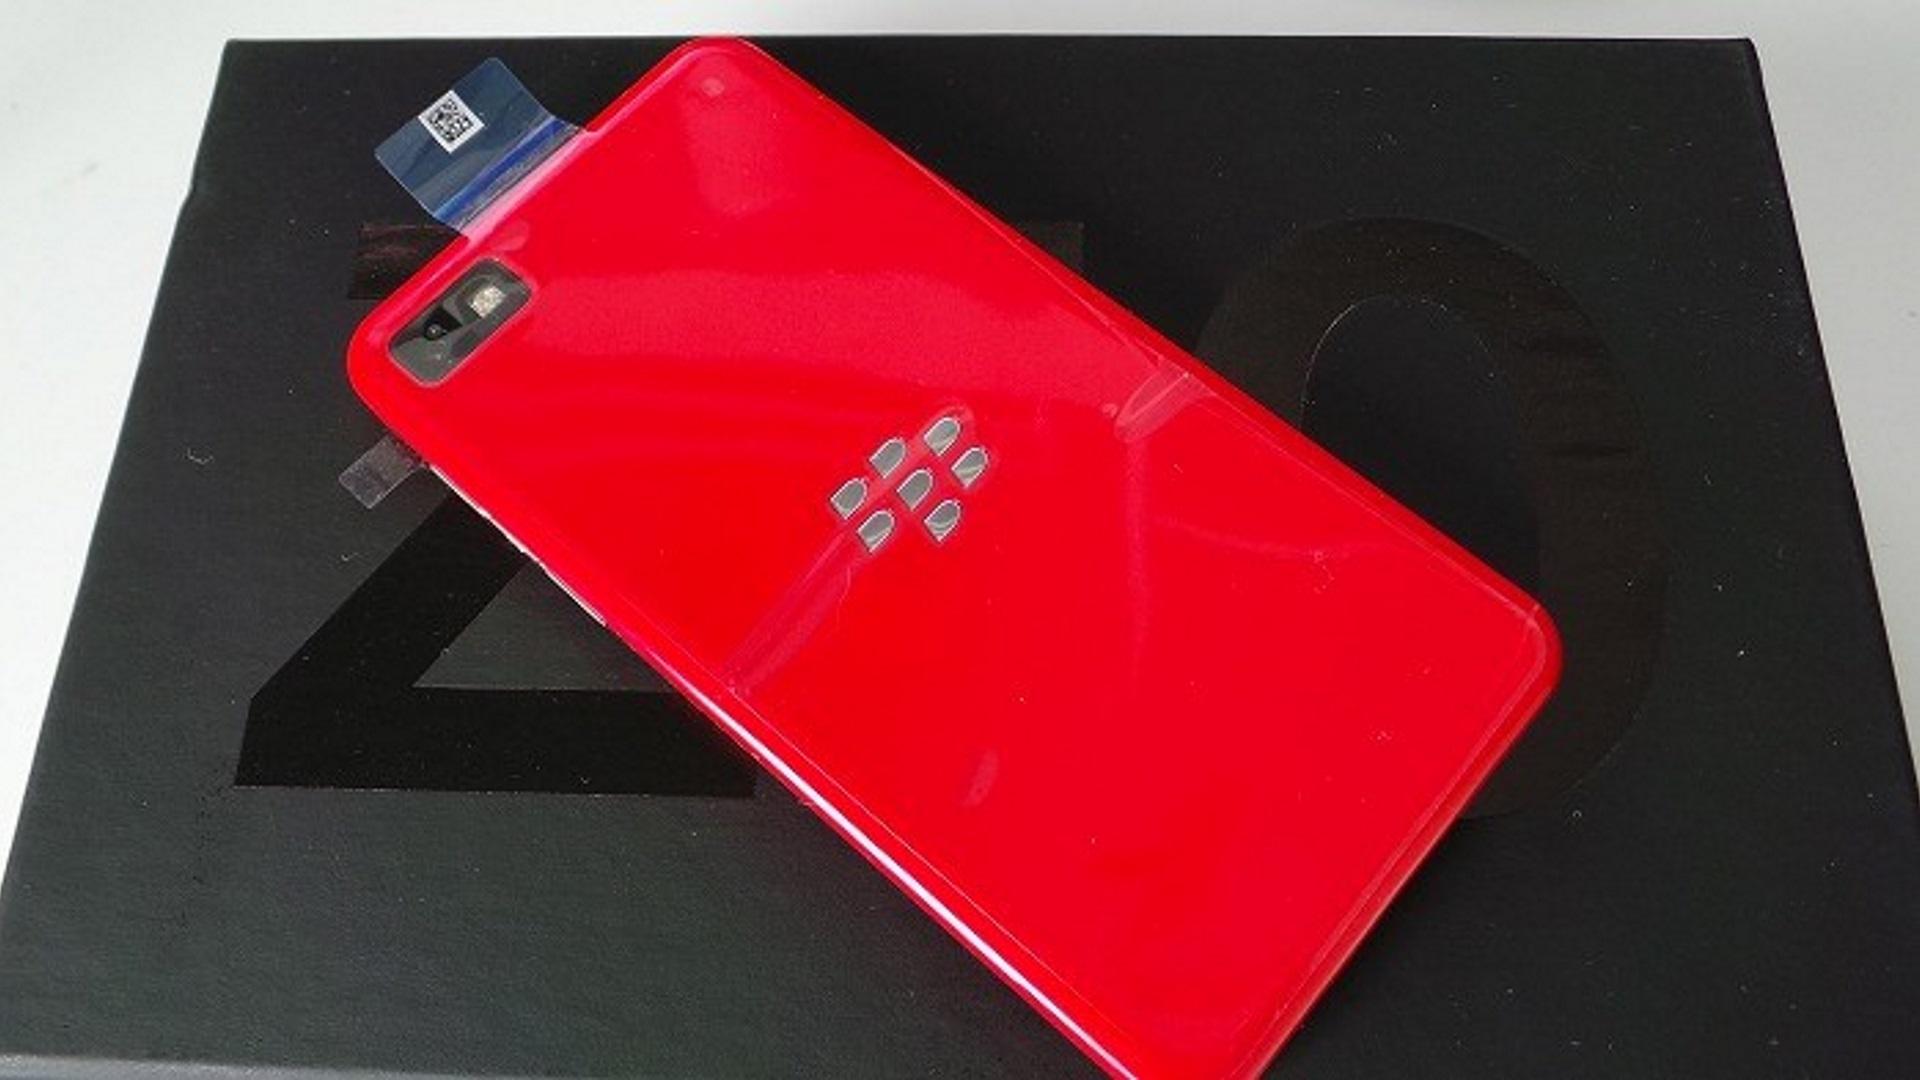 懐かし激レア「BlackBerry Z10 Red Developer Limited Edition」がebayに出品中